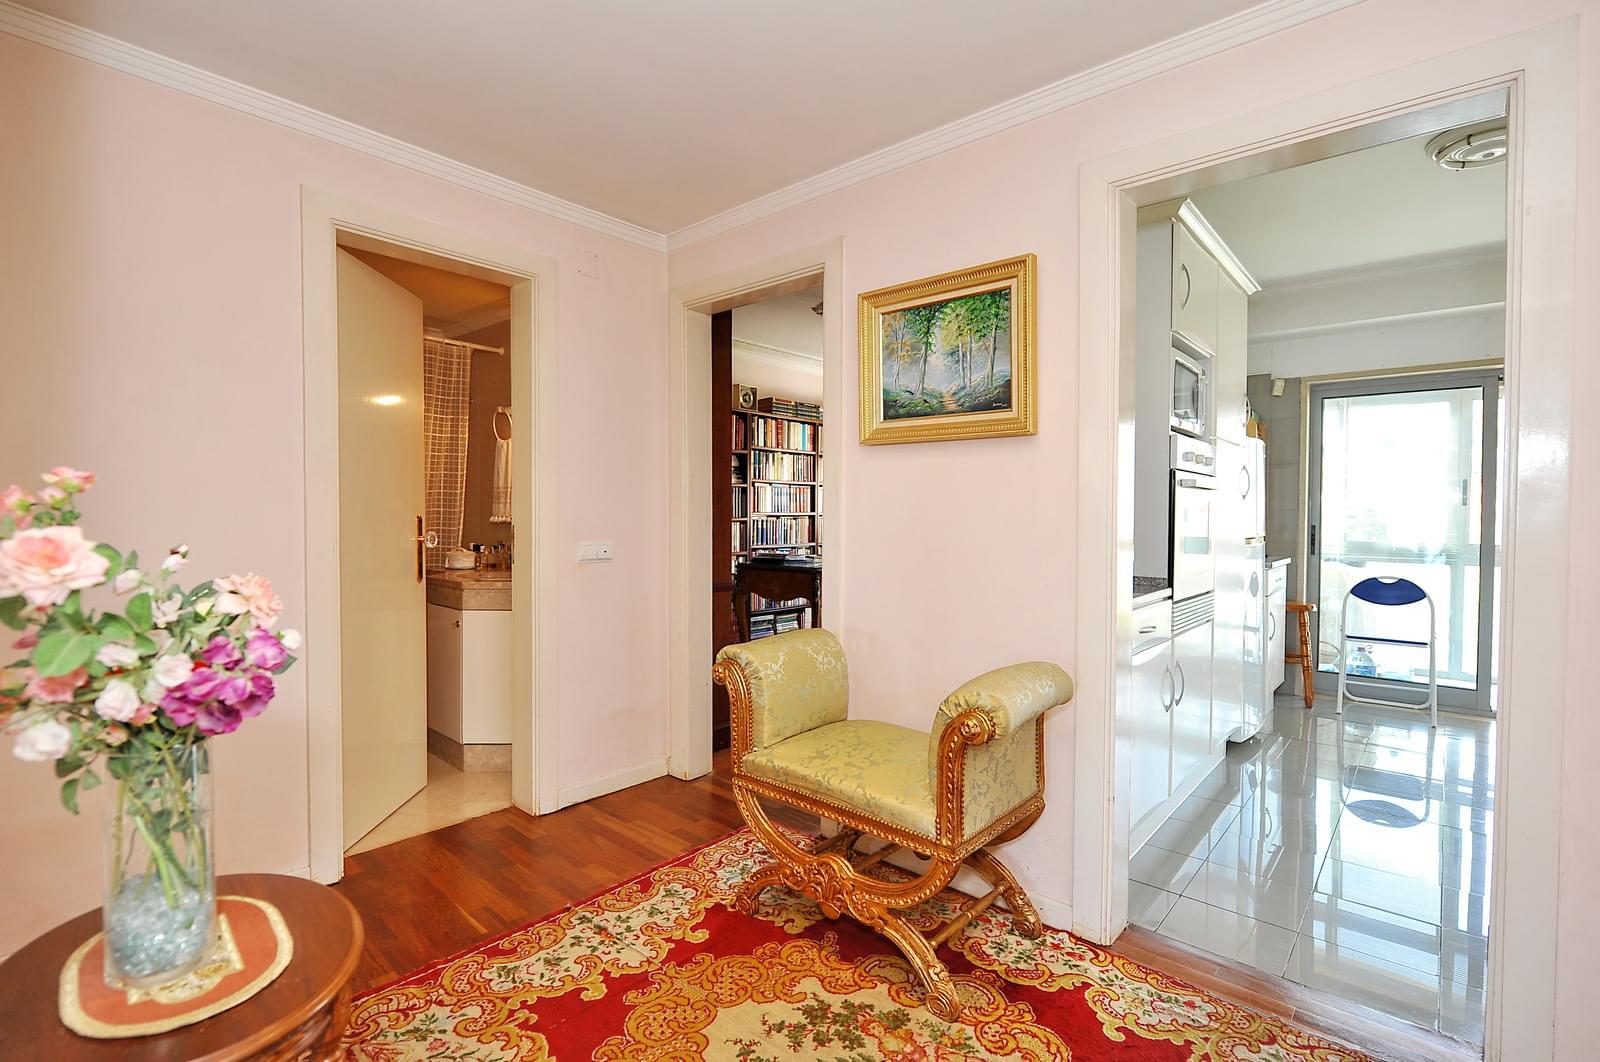 pf16999-apartamento-t2-oeiras-36502481-ae42-4632-bd62-cc1d41b2a1a2